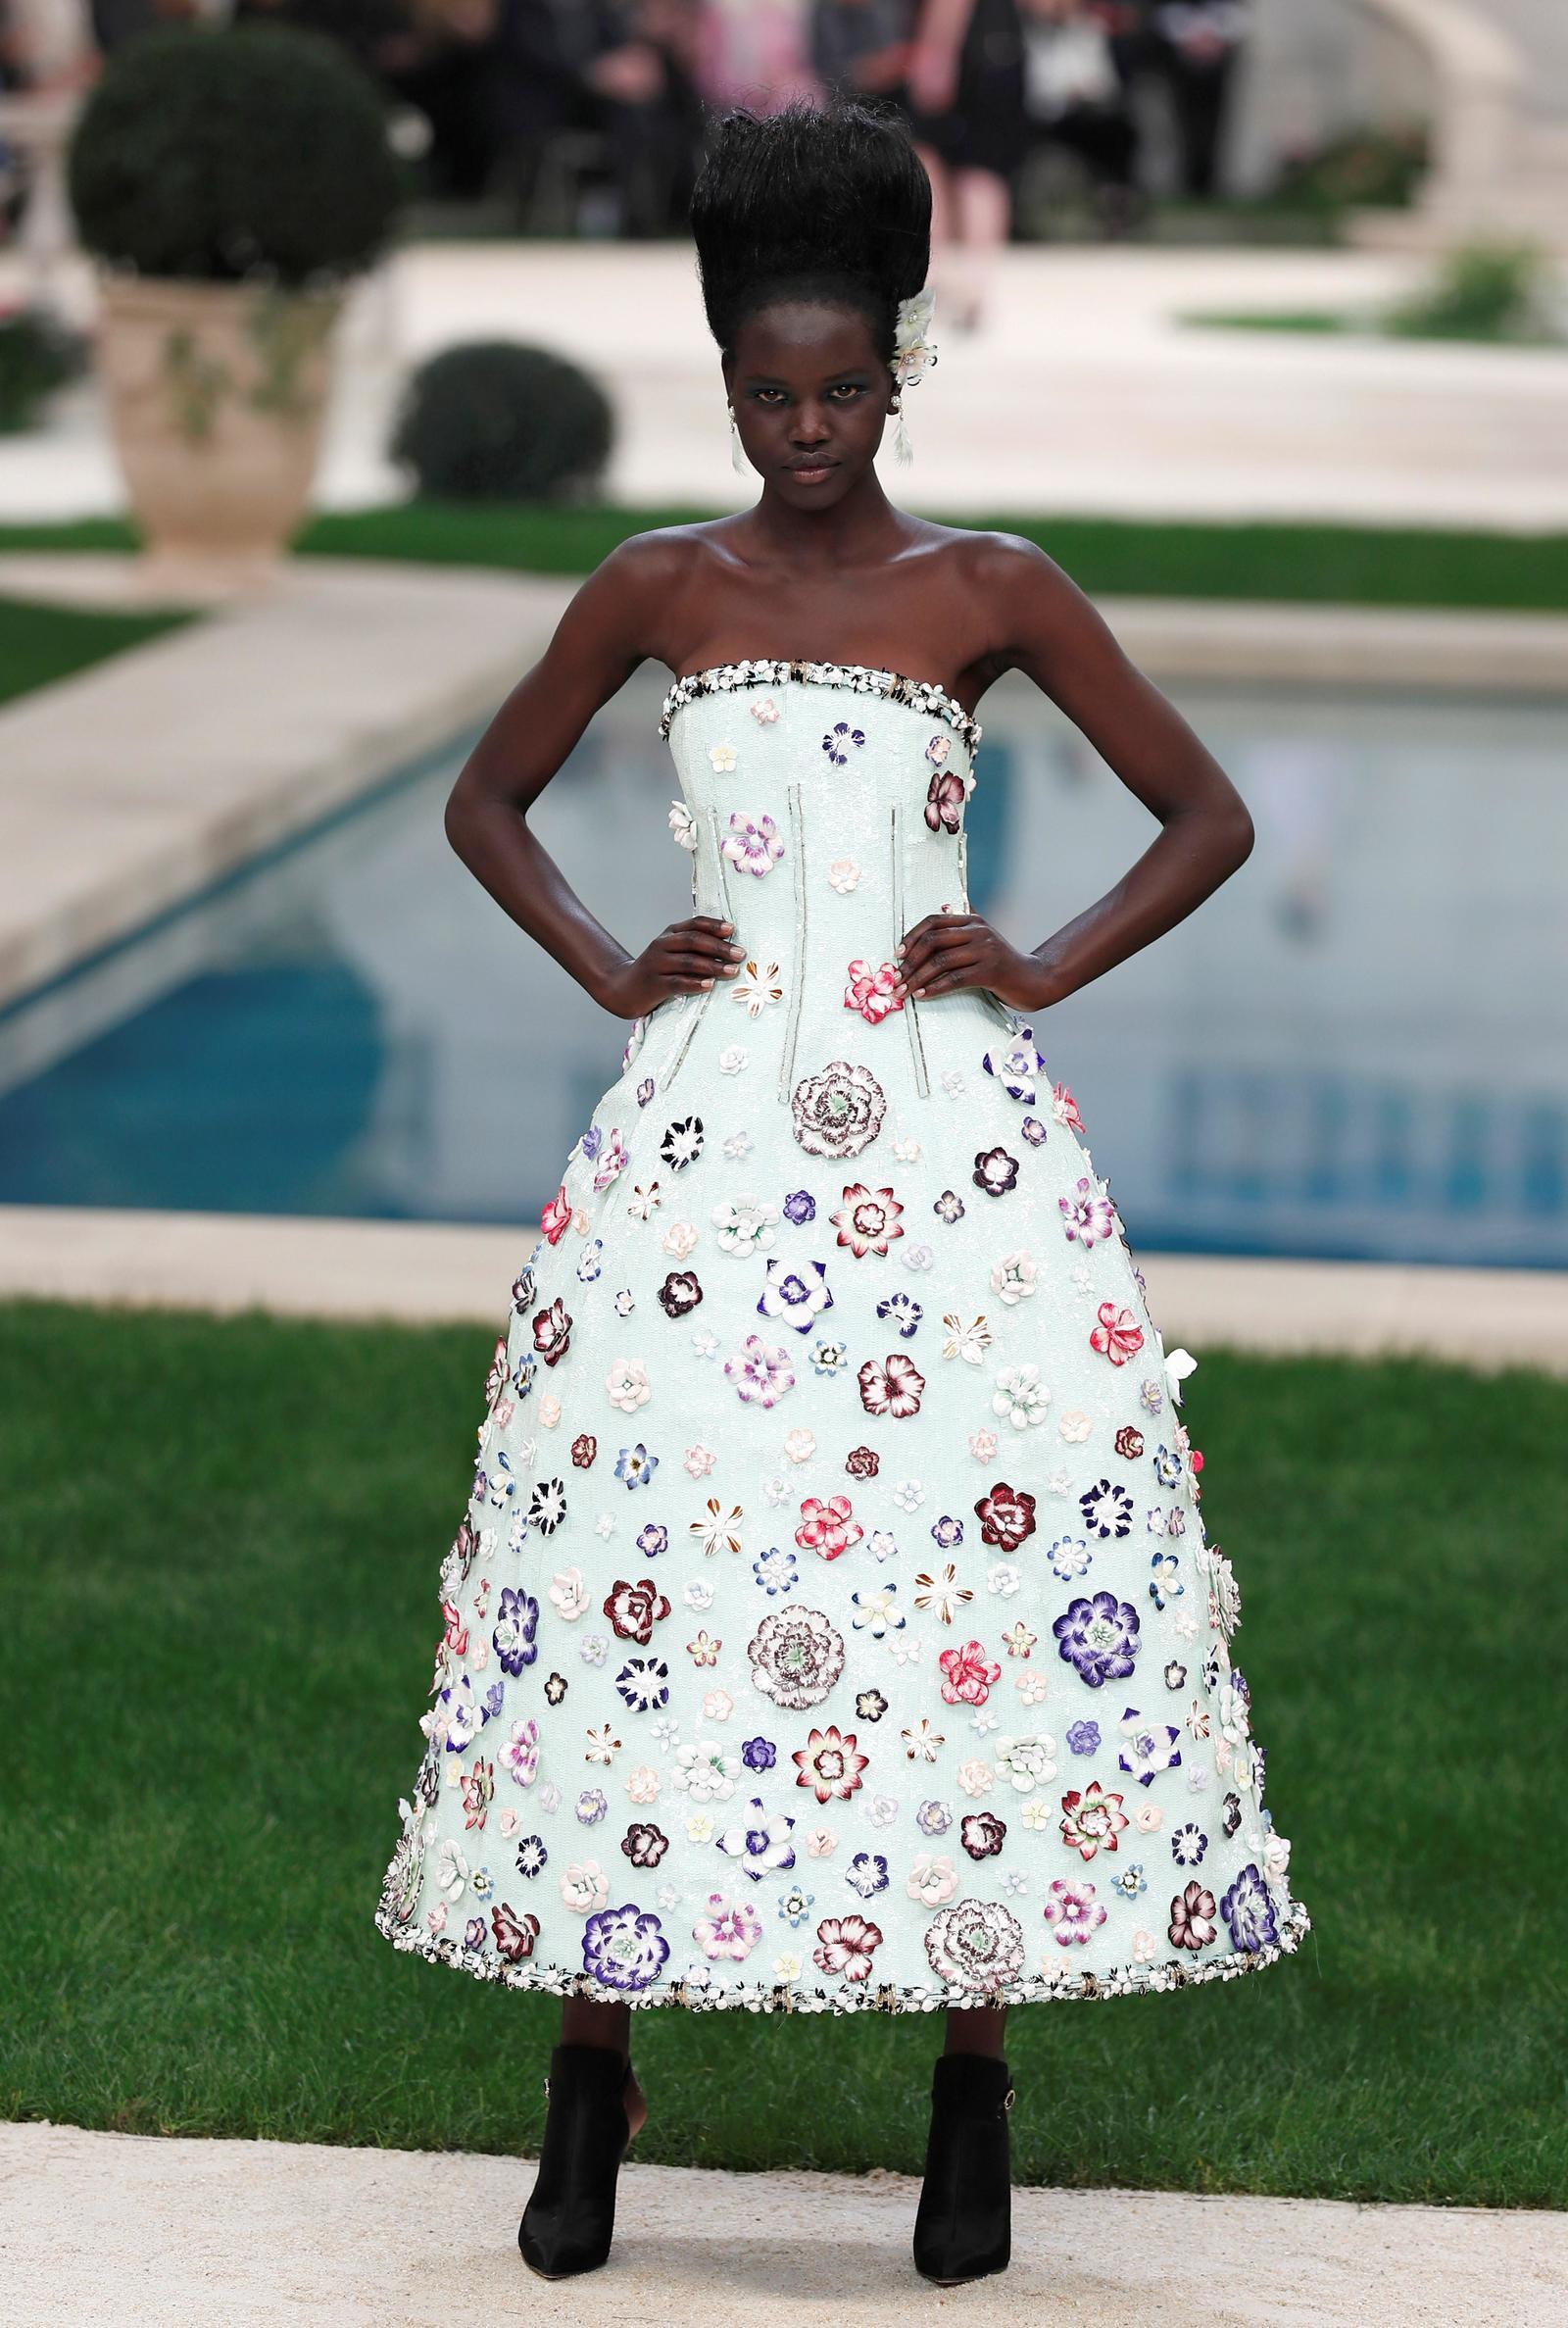 Modelos presentan creaciones de la colección primavera-verano 2019 del diseñador alemán Karl Lagerfeld para Chanel, durante un desfile de la Semana de la Moda de Alta Costura de París, en Francia.